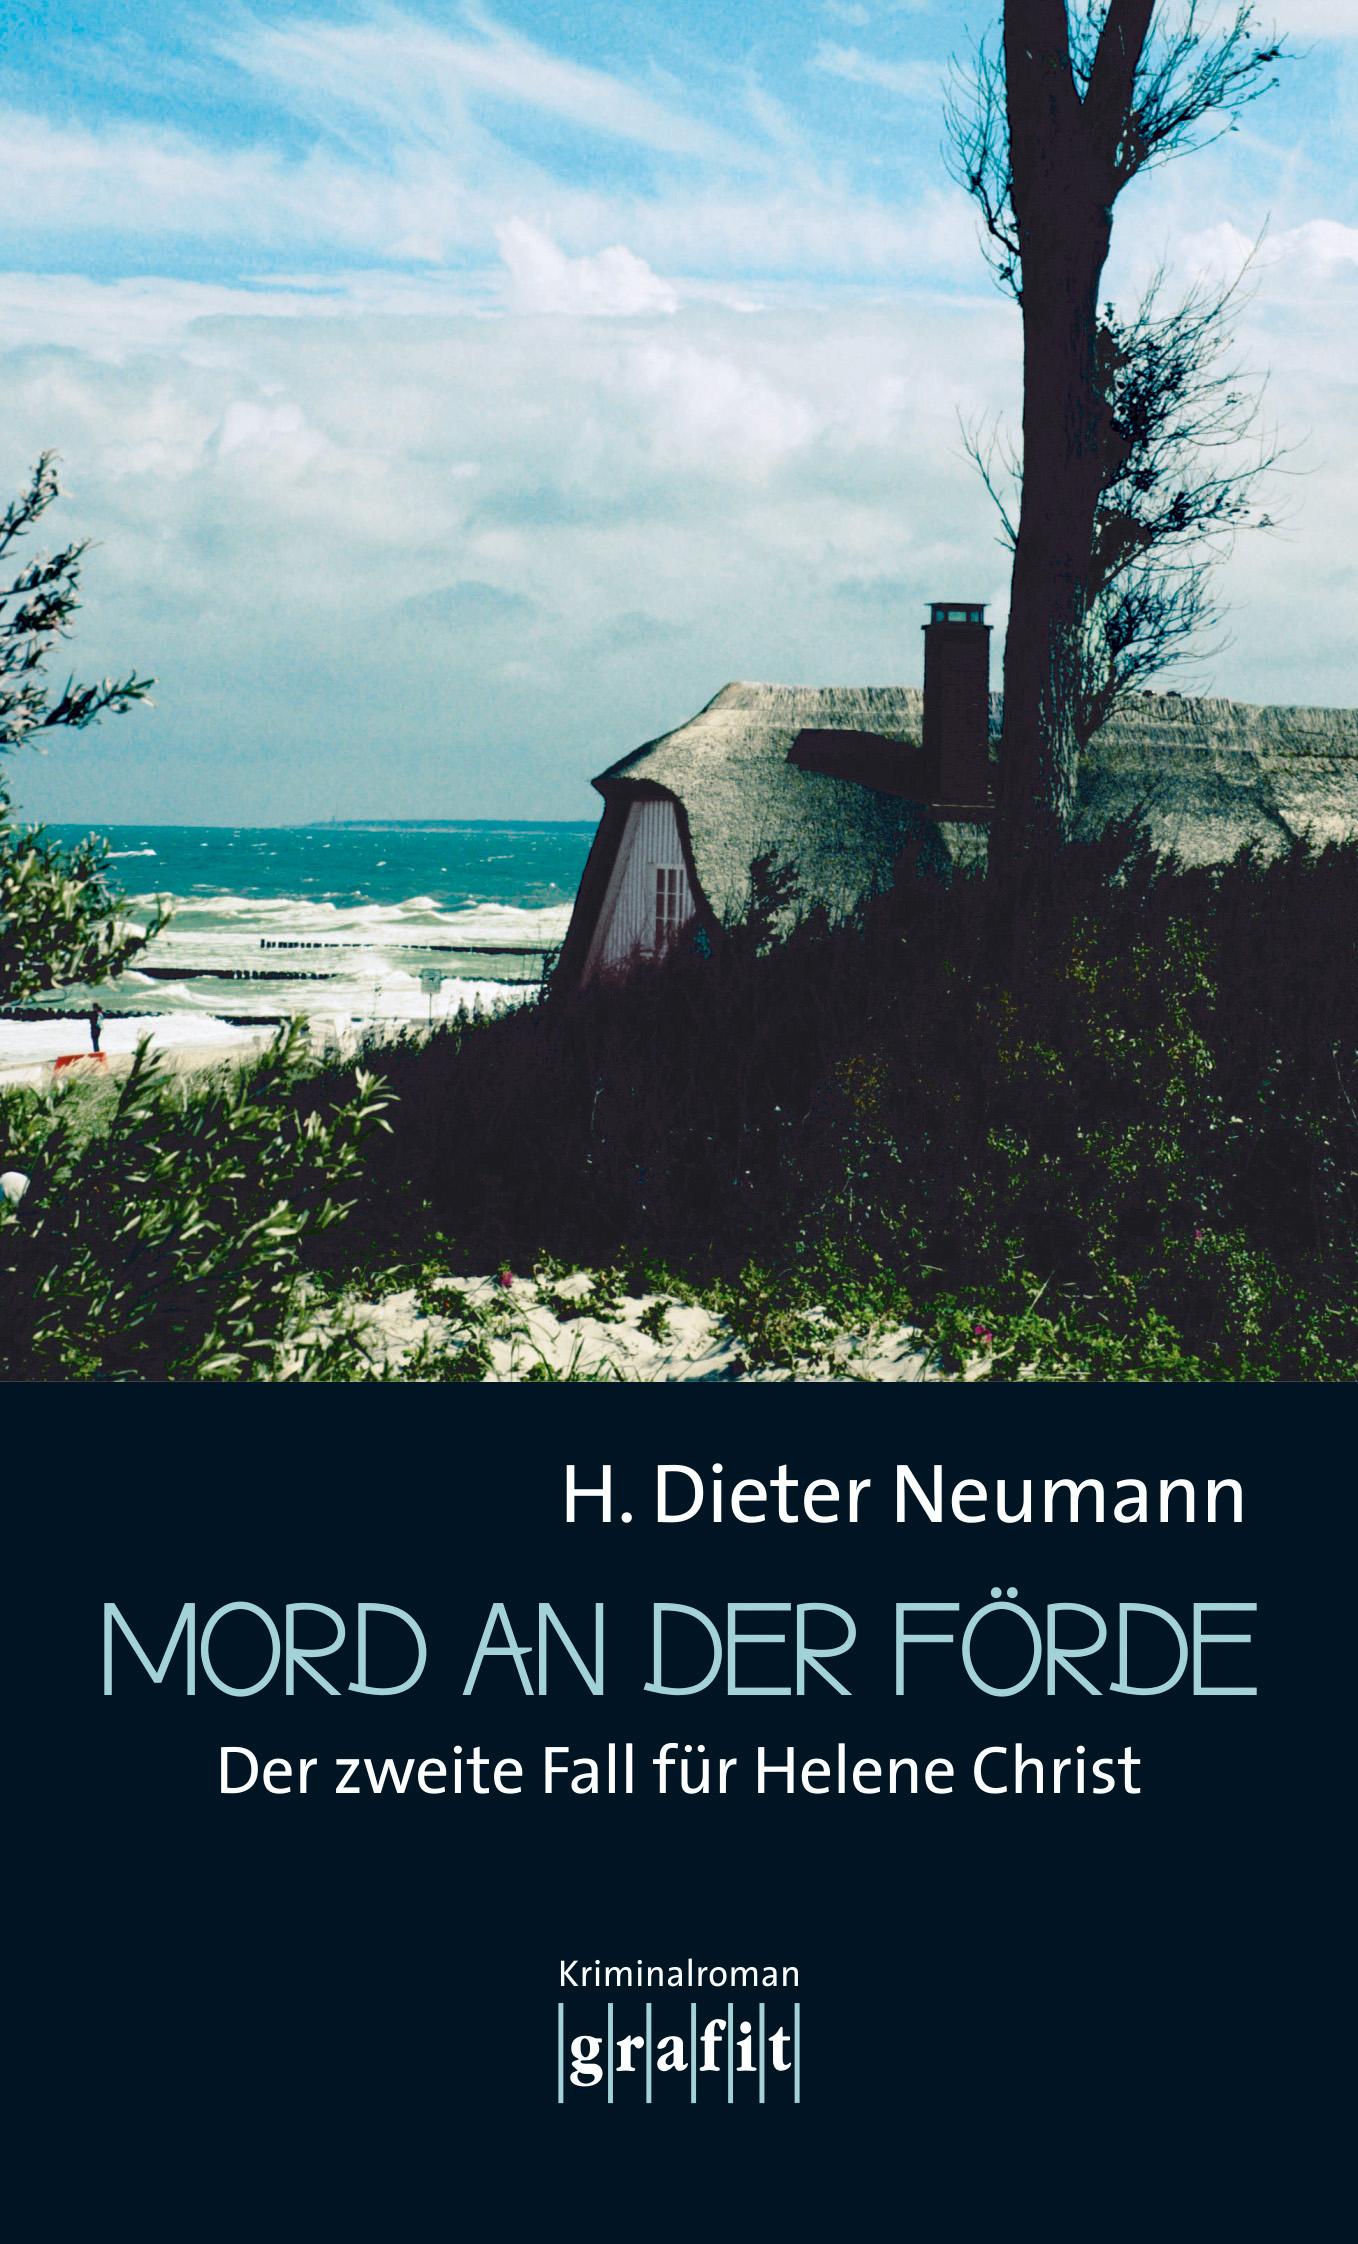 Mord an der Förde - Heinrich Dieter Neumann